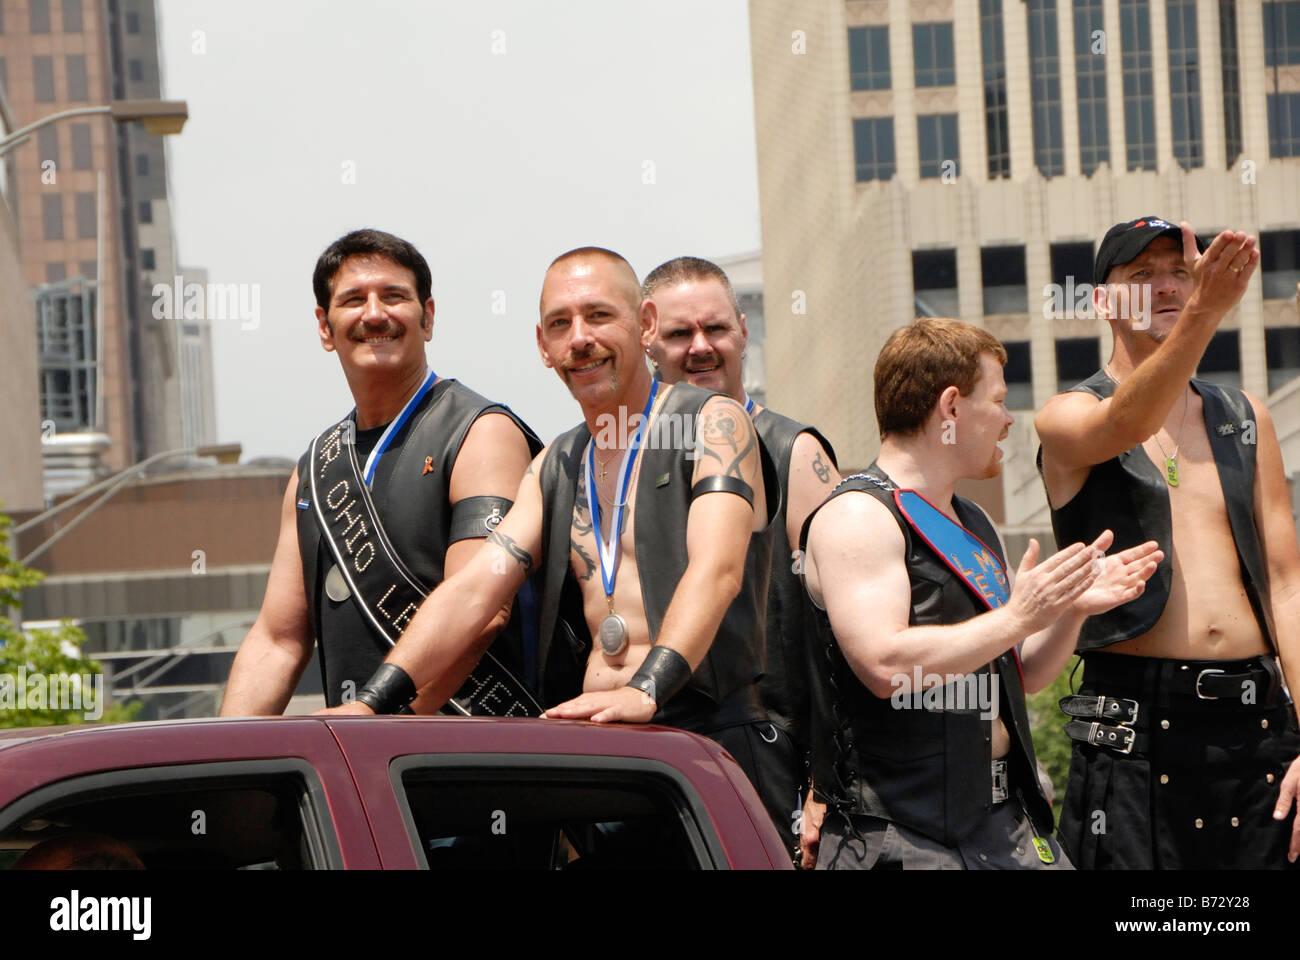 Frauen suchen männer in columbus ohio